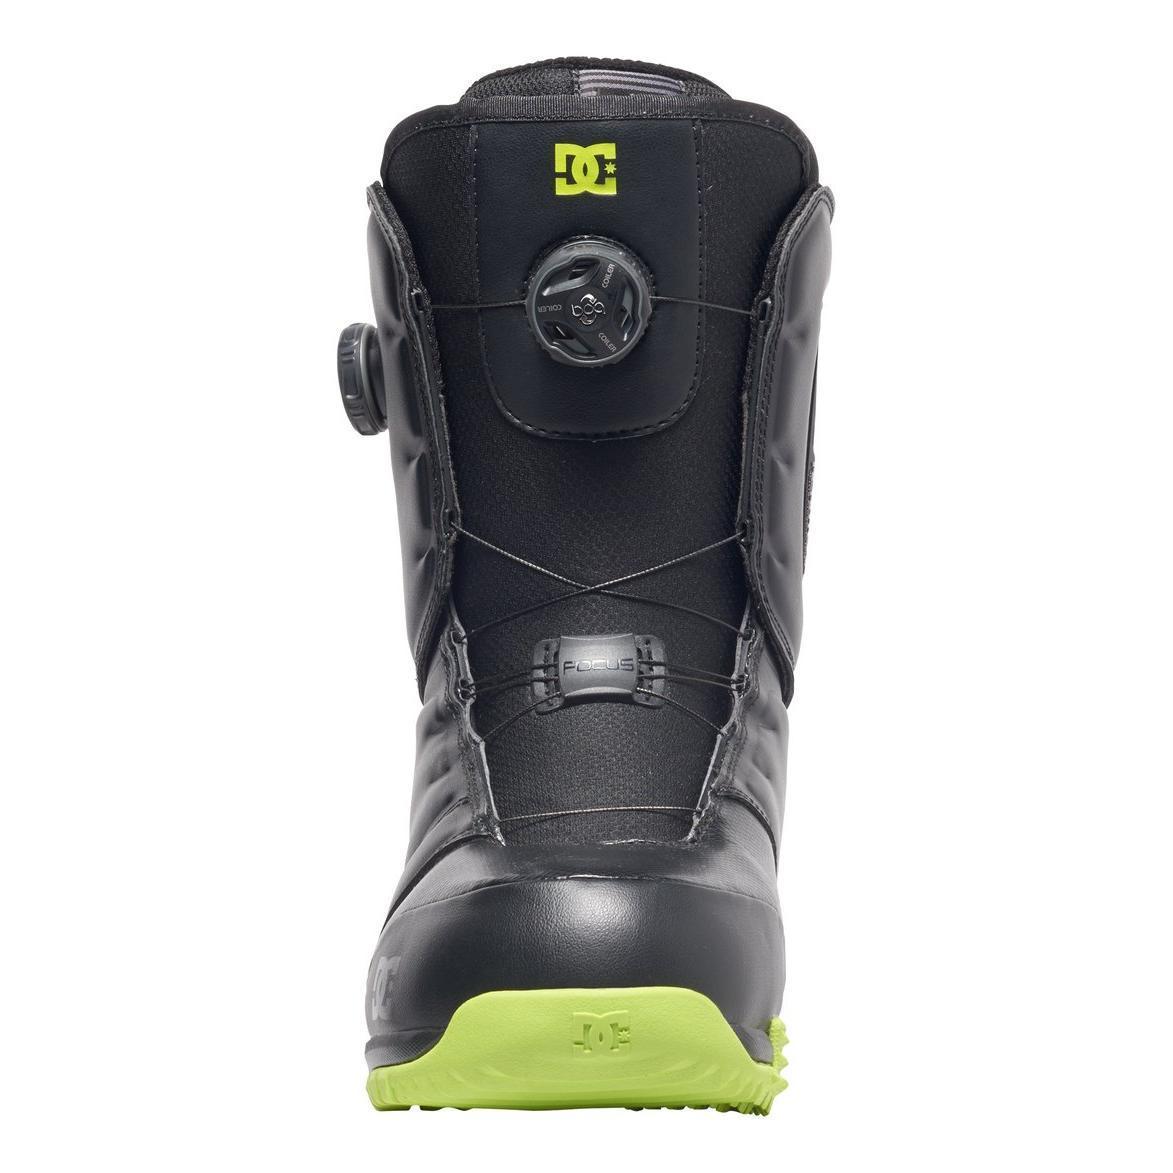 Ботинки для сноуборда DC SHOES 2016-17 JUDGE M BOAX BTS - купить ... 6459a2ae9af